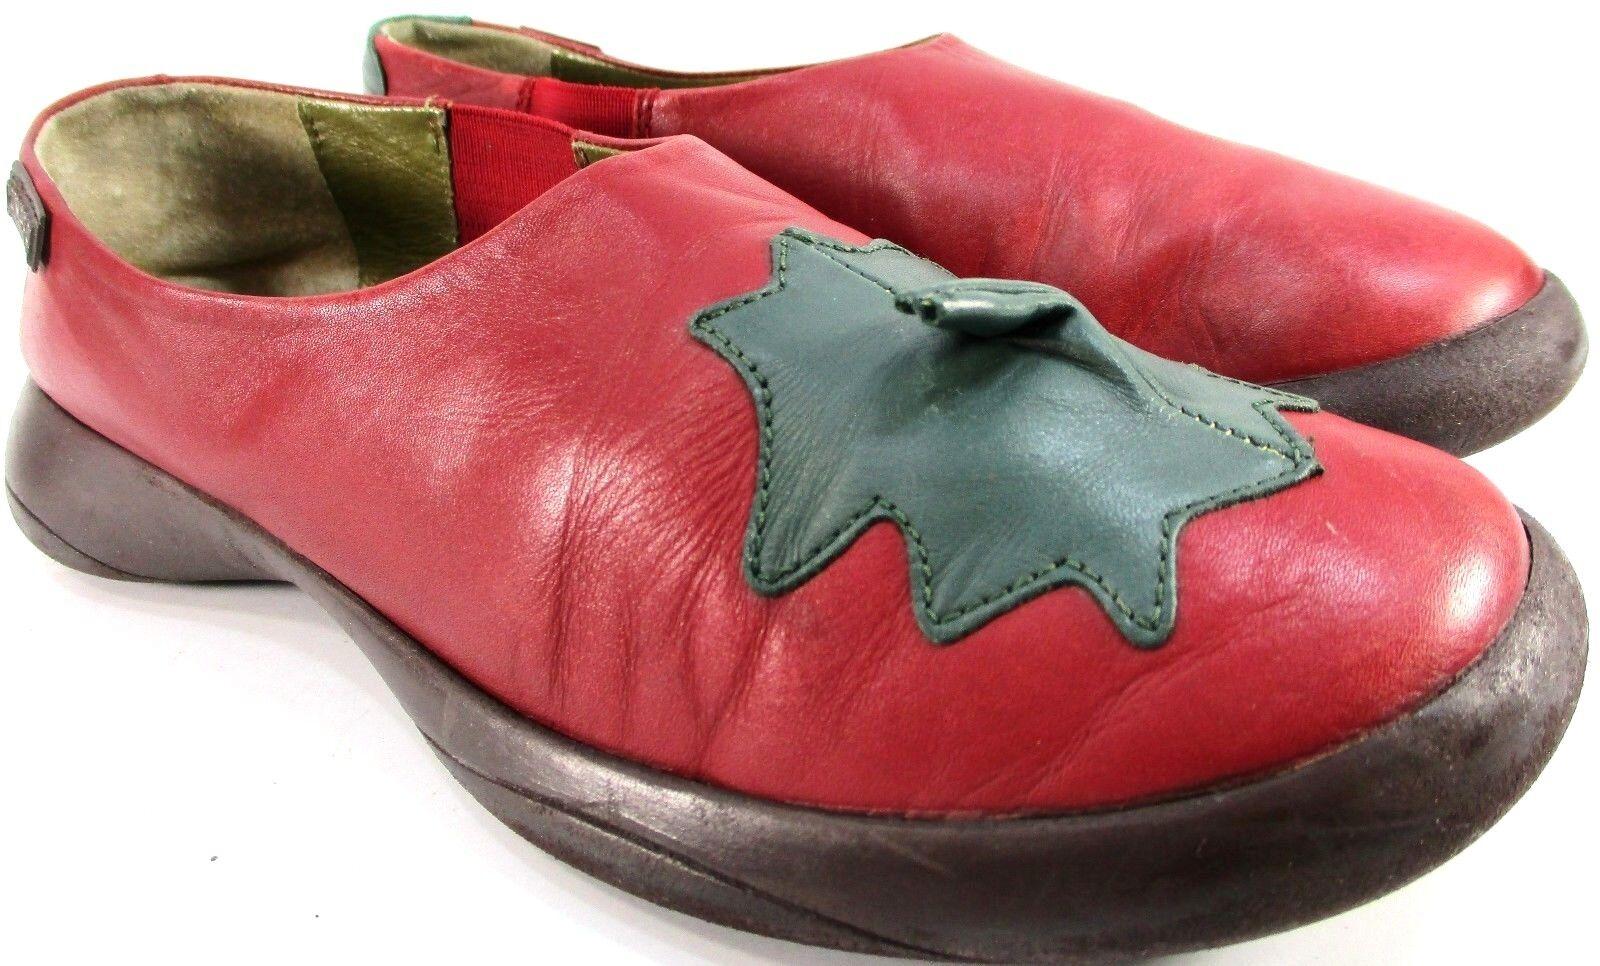 Camper mujer zapatos talla 8.5 euro 39 en en en Rojo Cuero Suela Antideslizante  venderse como panqueques